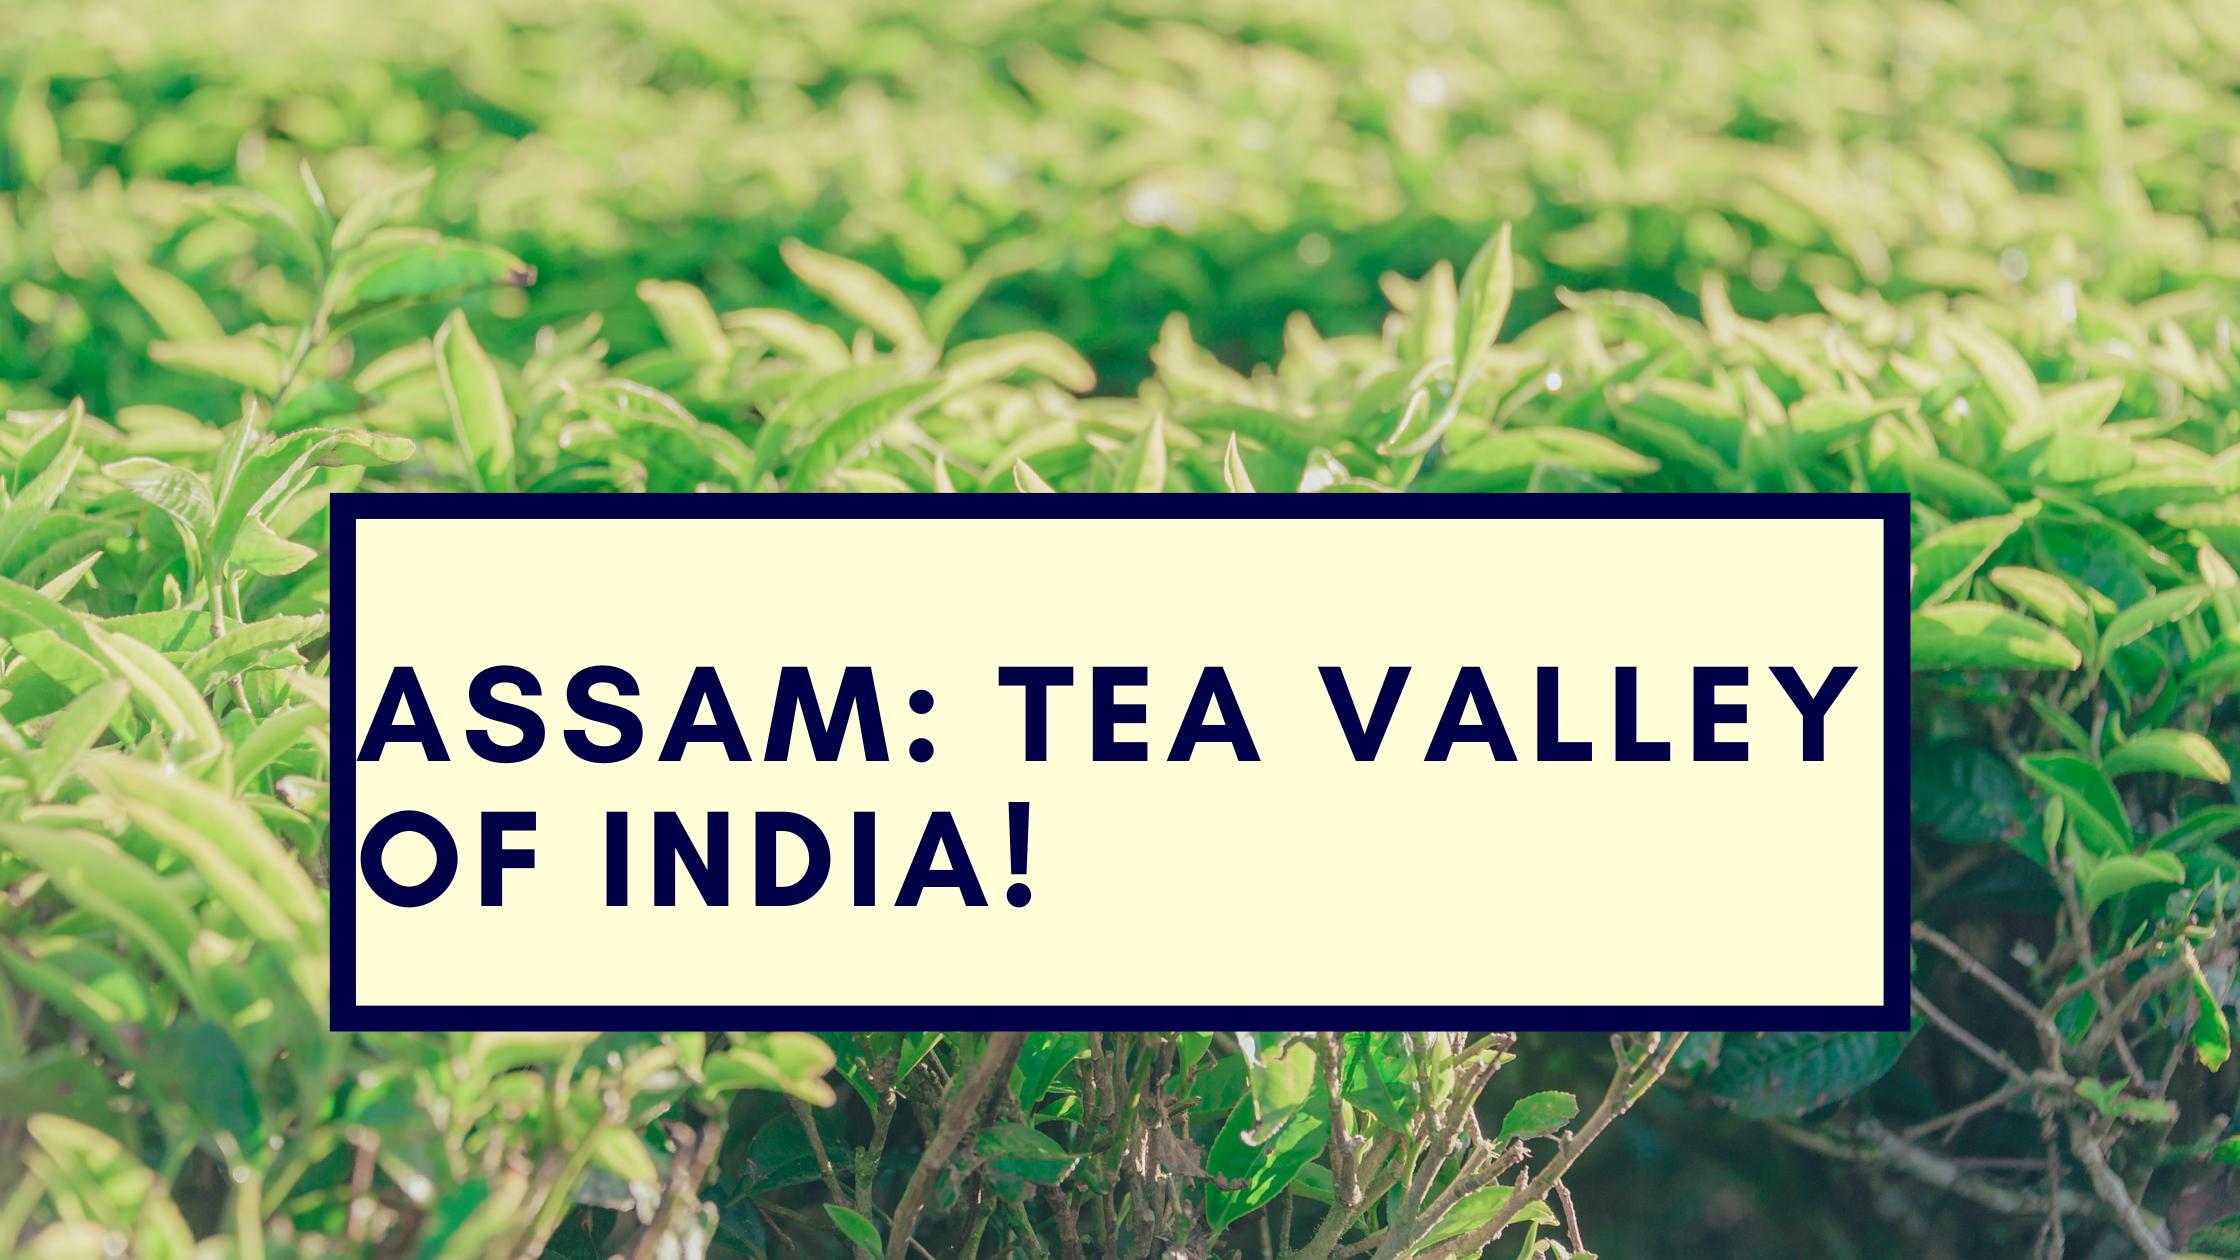 Assam: The Tea Valley